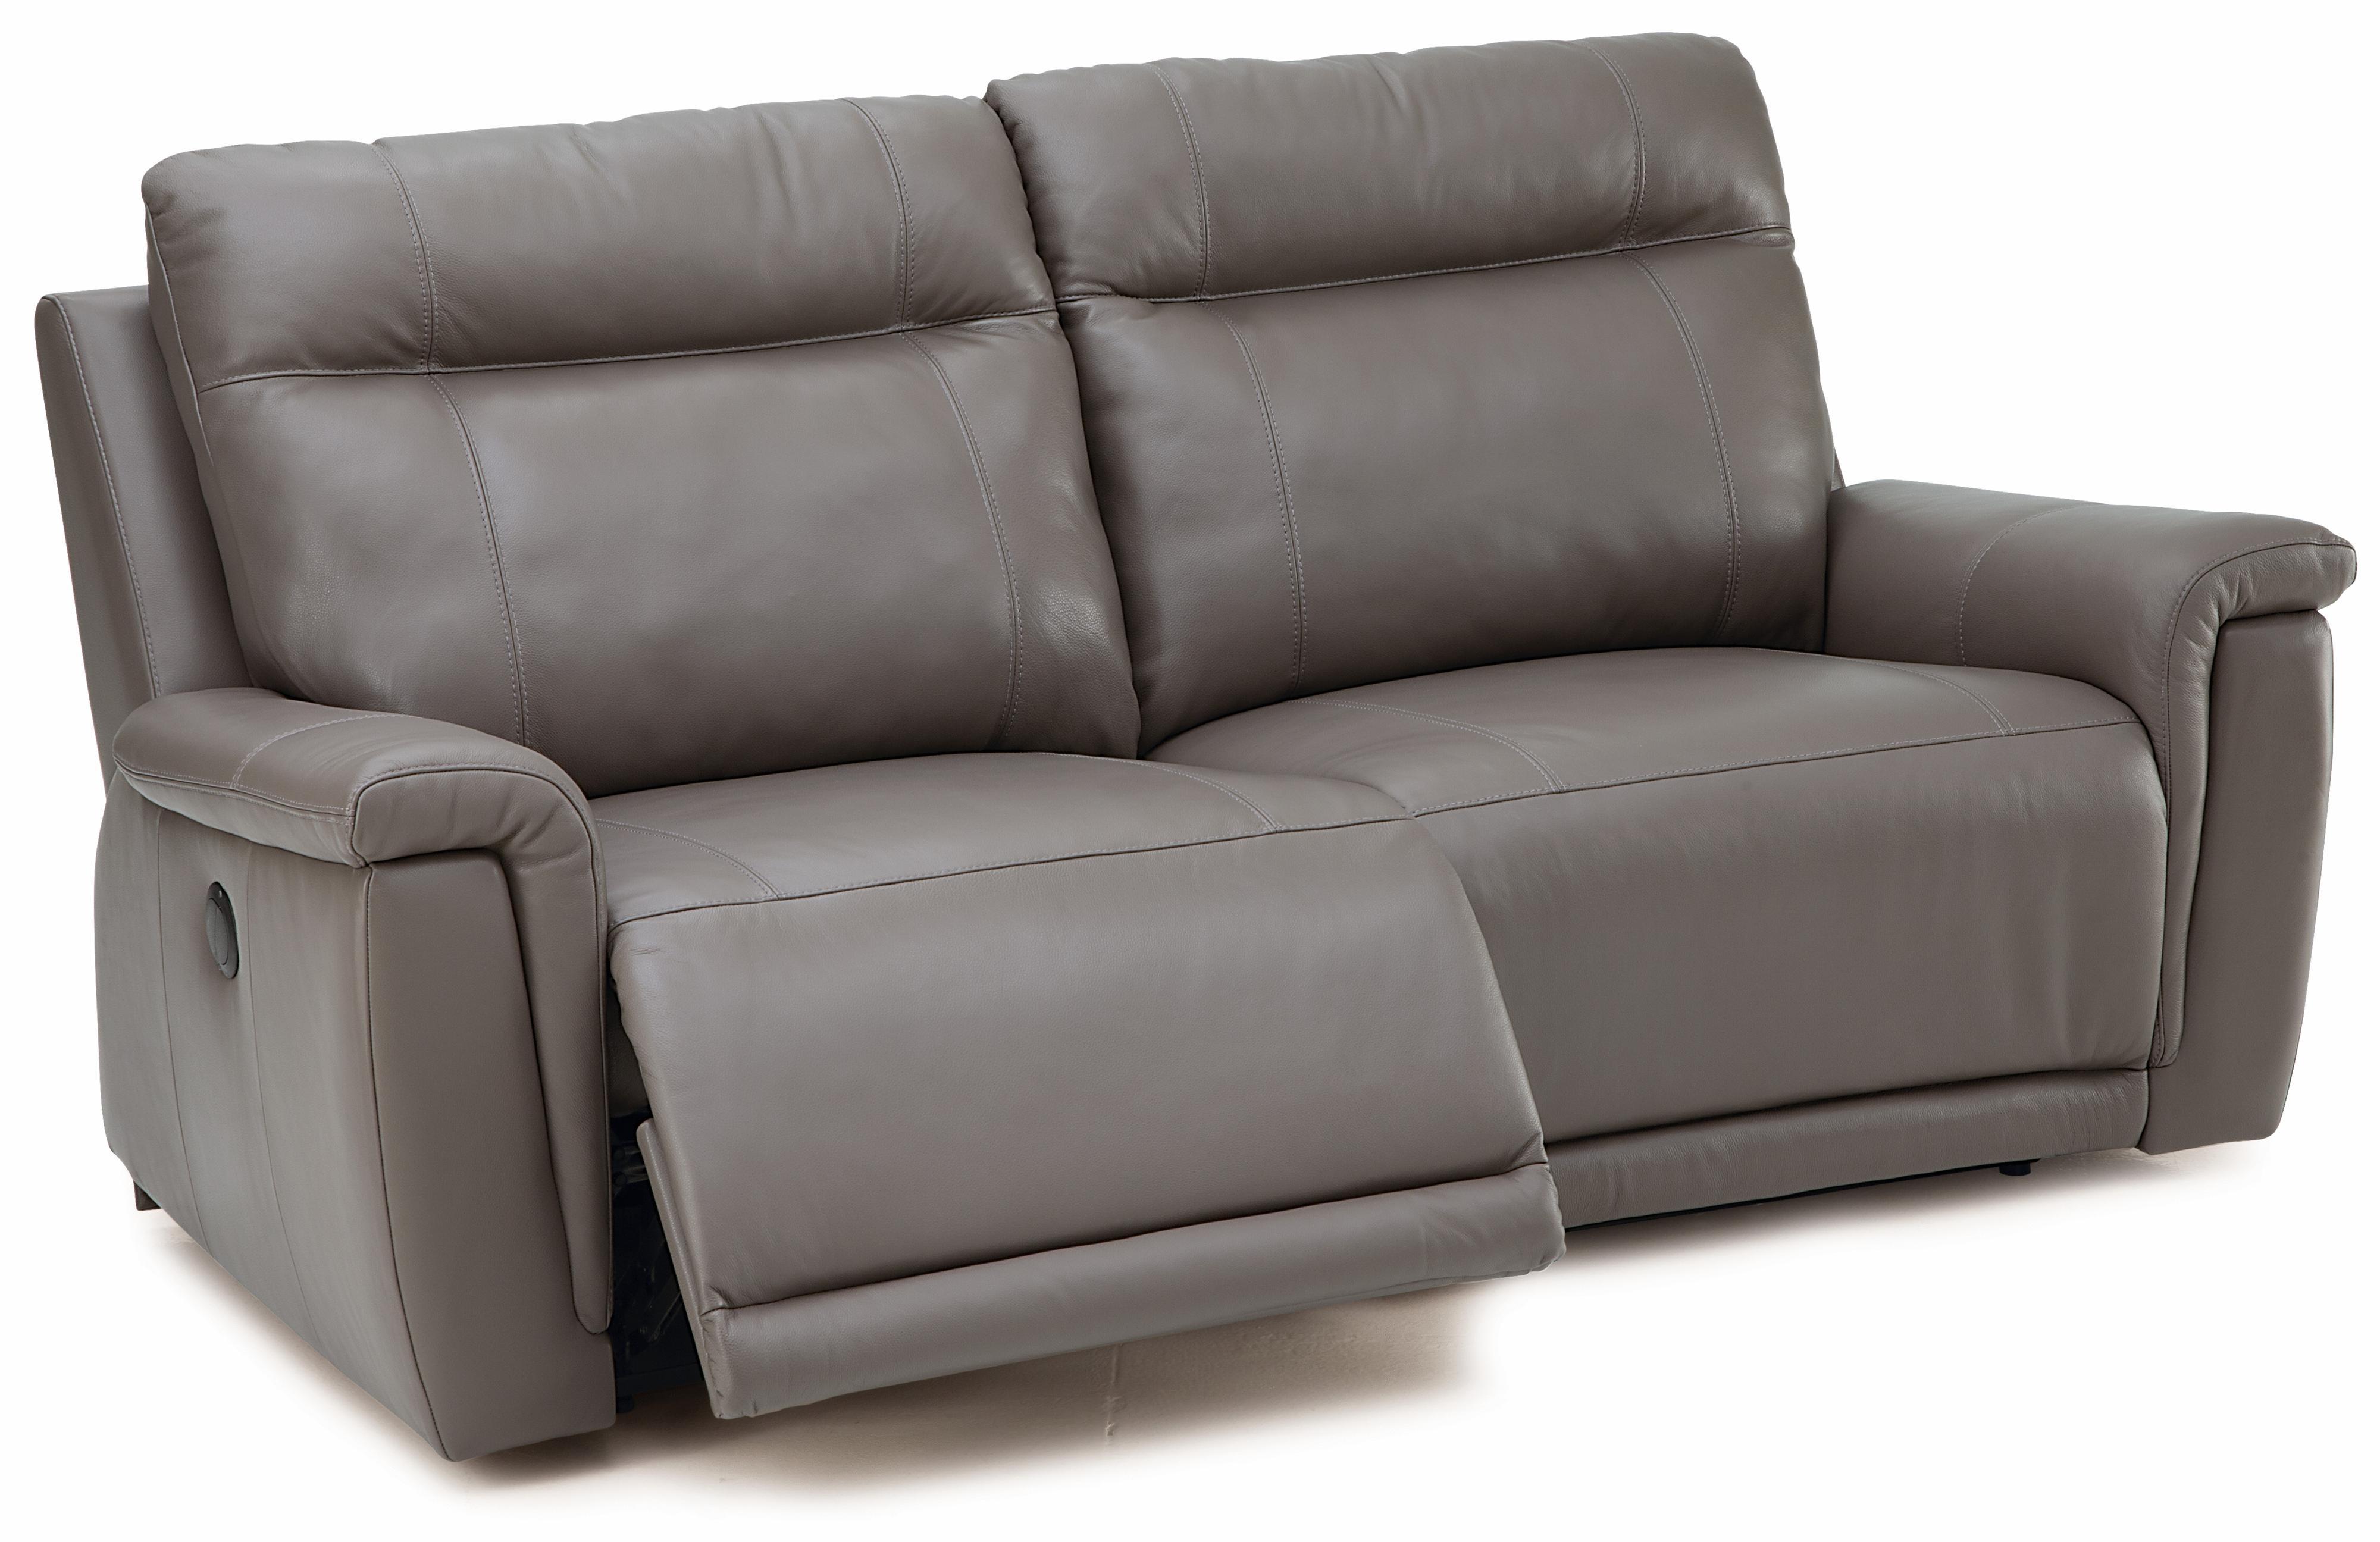 Palliser Westpoint 41121 5p Leather Power Sofa W Footrest